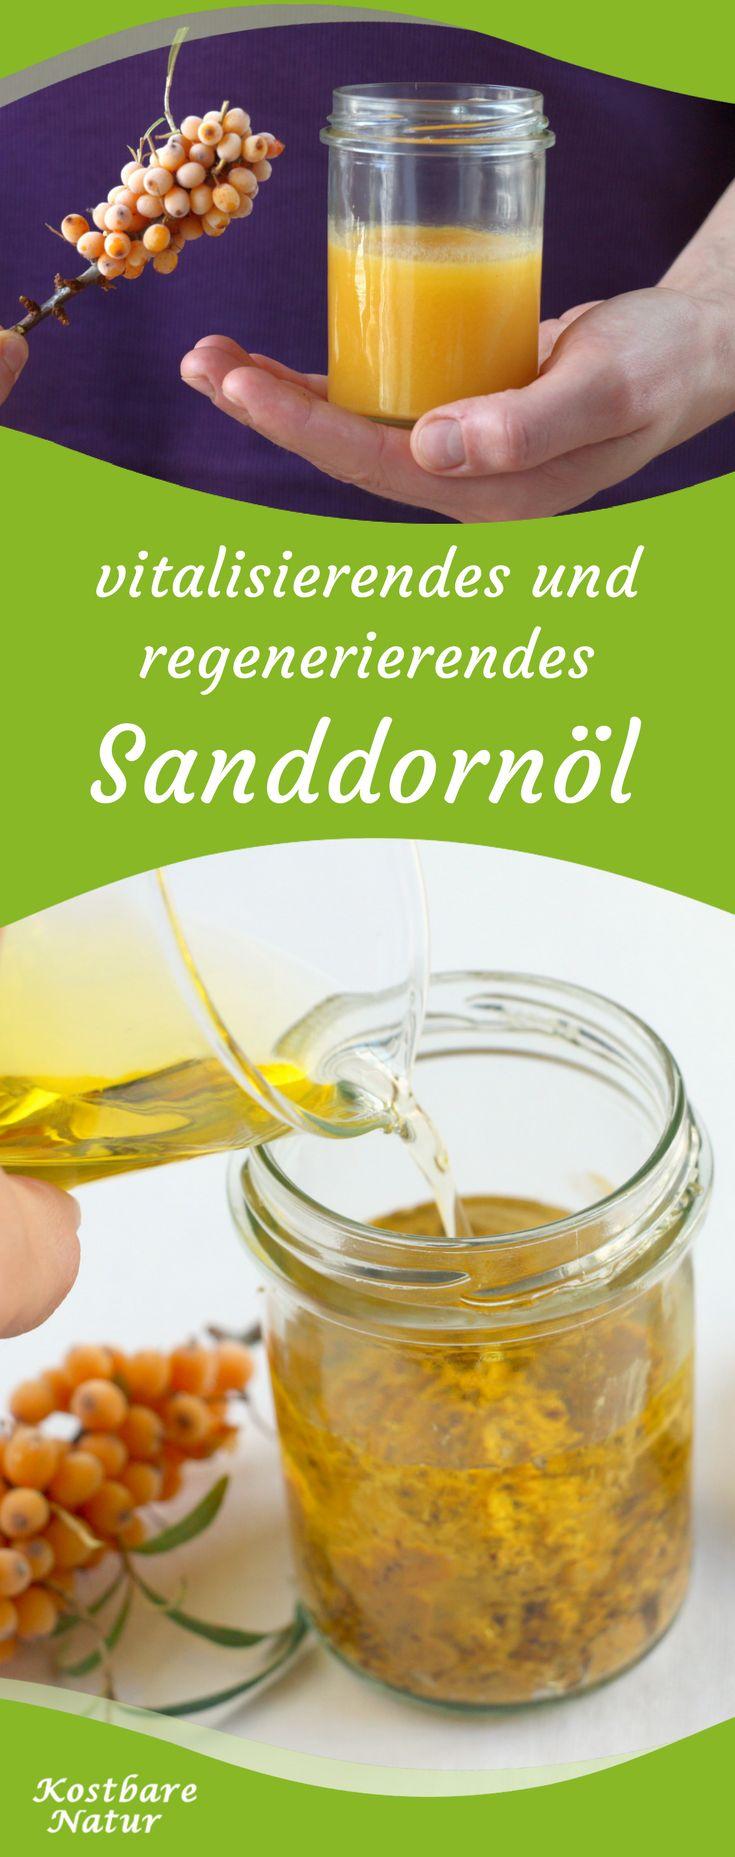 Vitalisierendes und regenerierendes Sanddornöl selbermachen